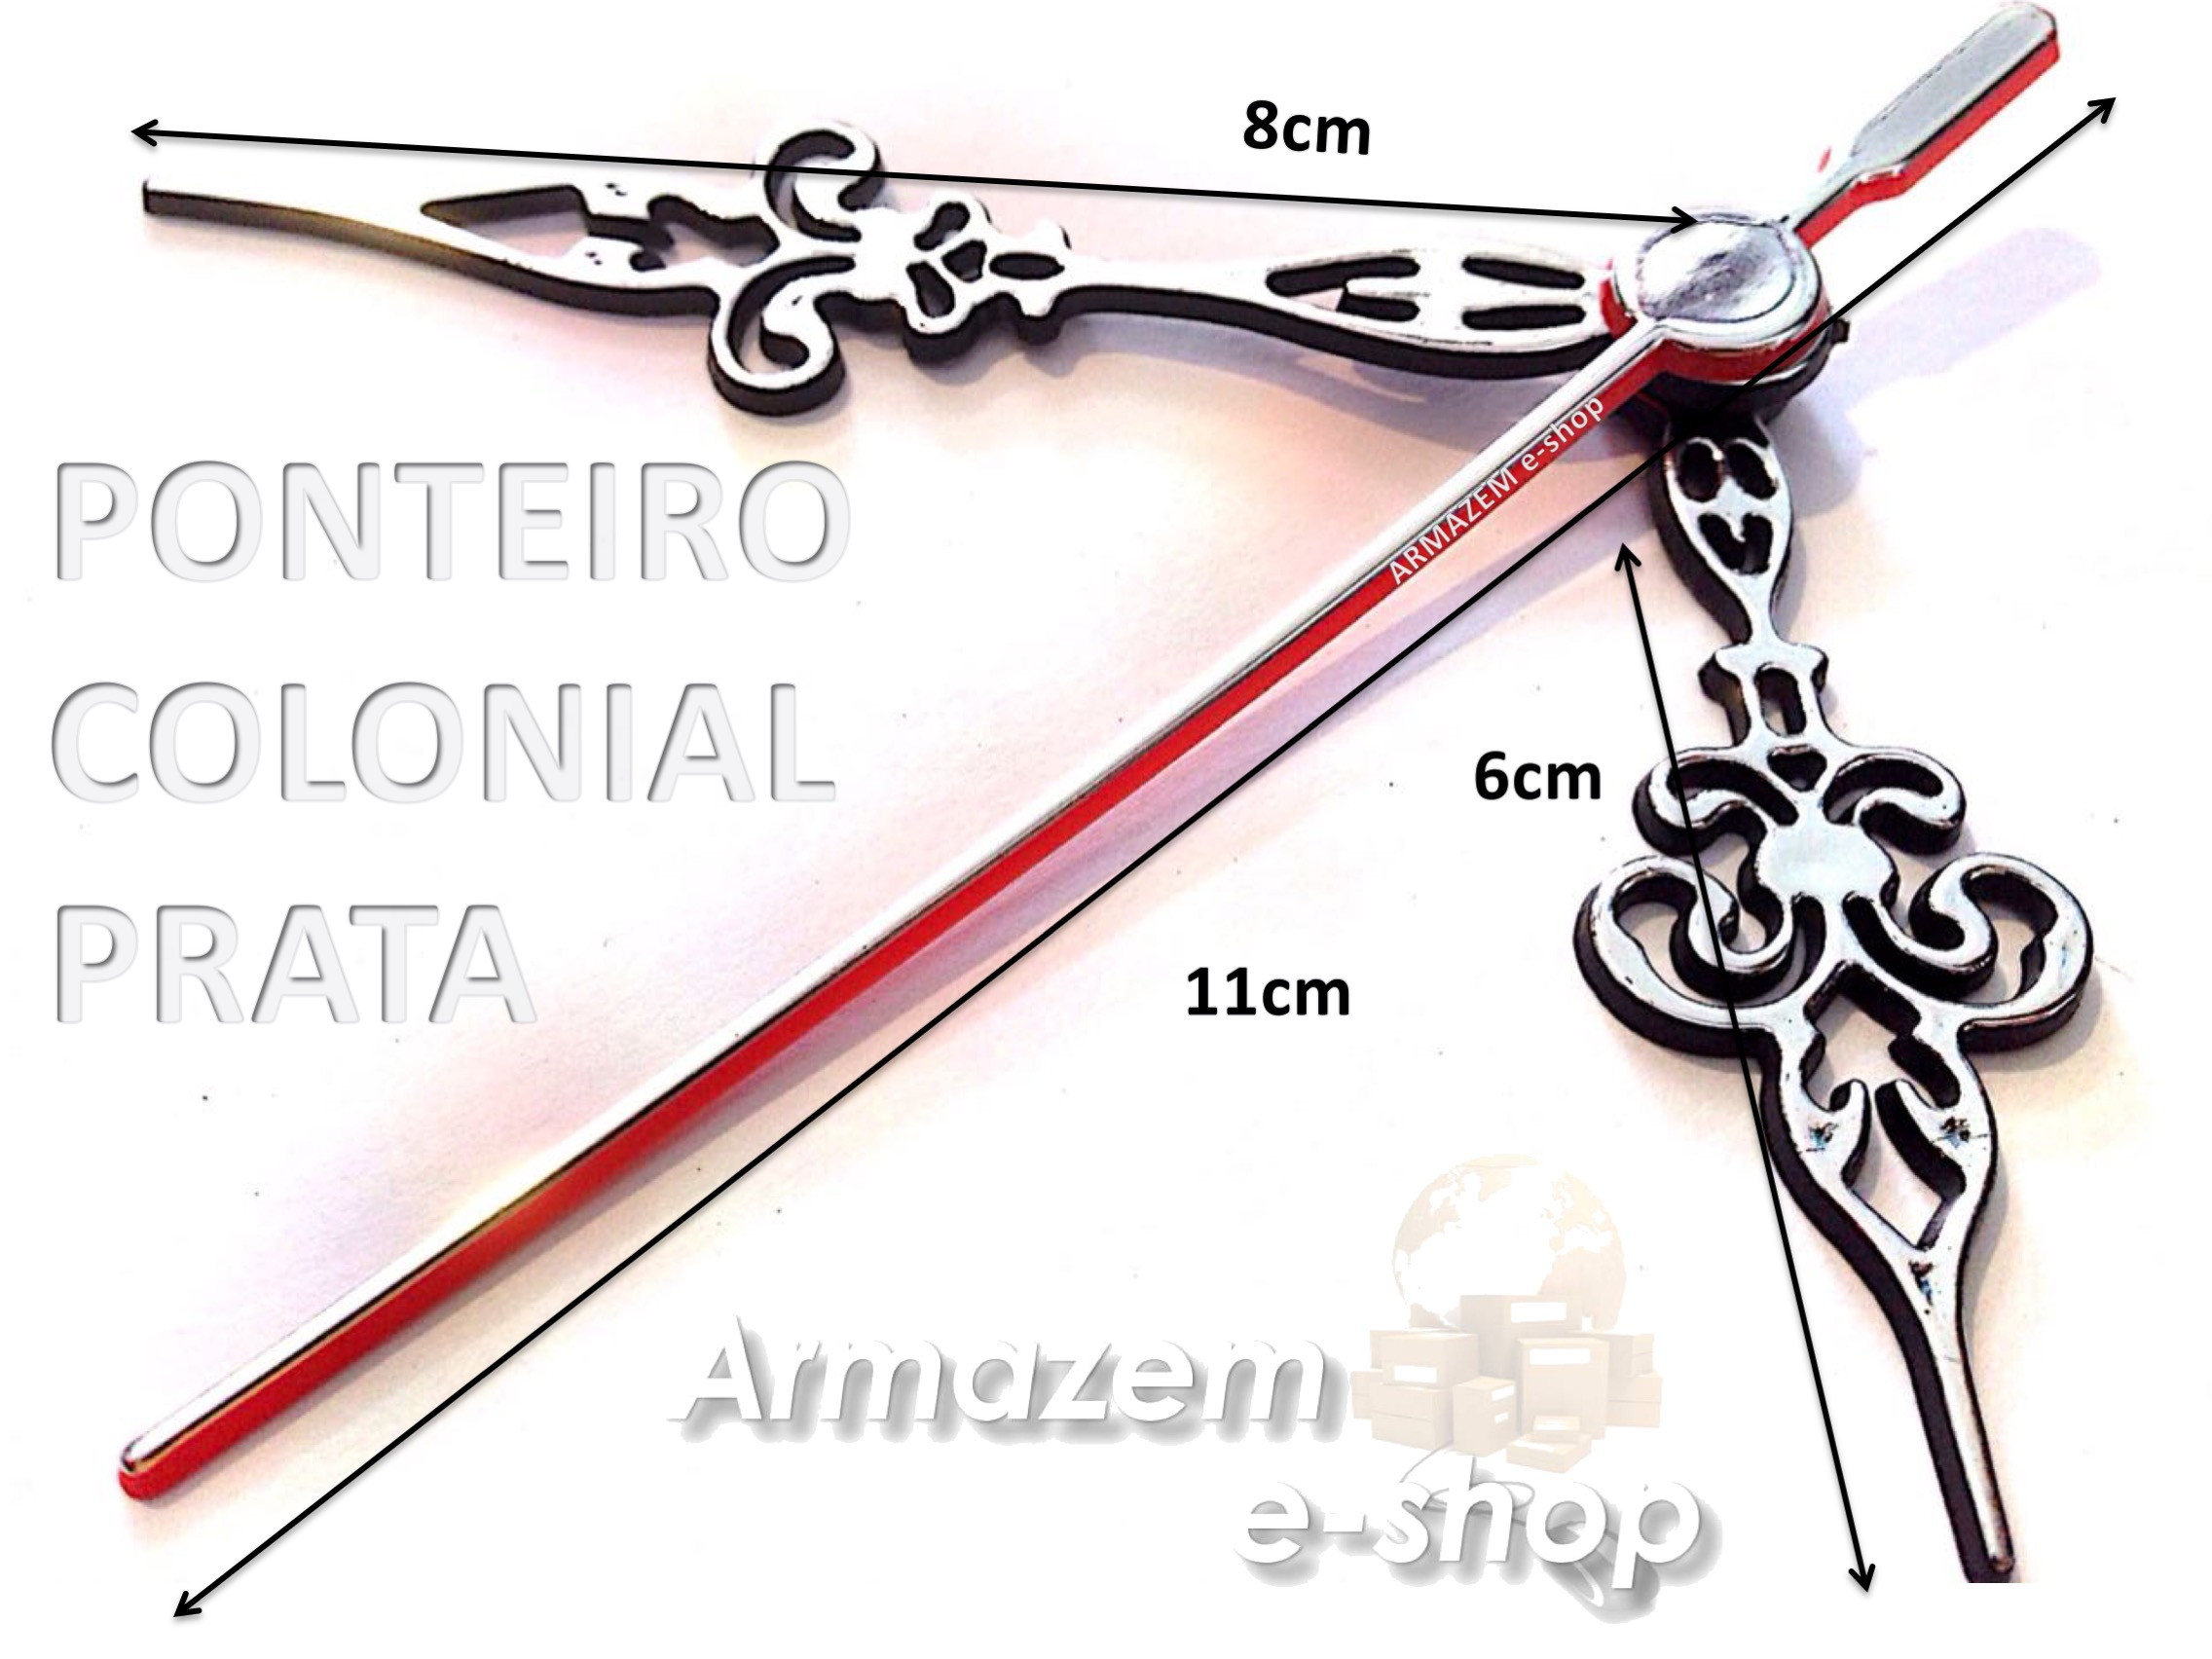 5591d13fcc3 Maquina Relógio Quartz CONTINUO Com Eixo 13mm Armazem E-shop no Elo7 ...